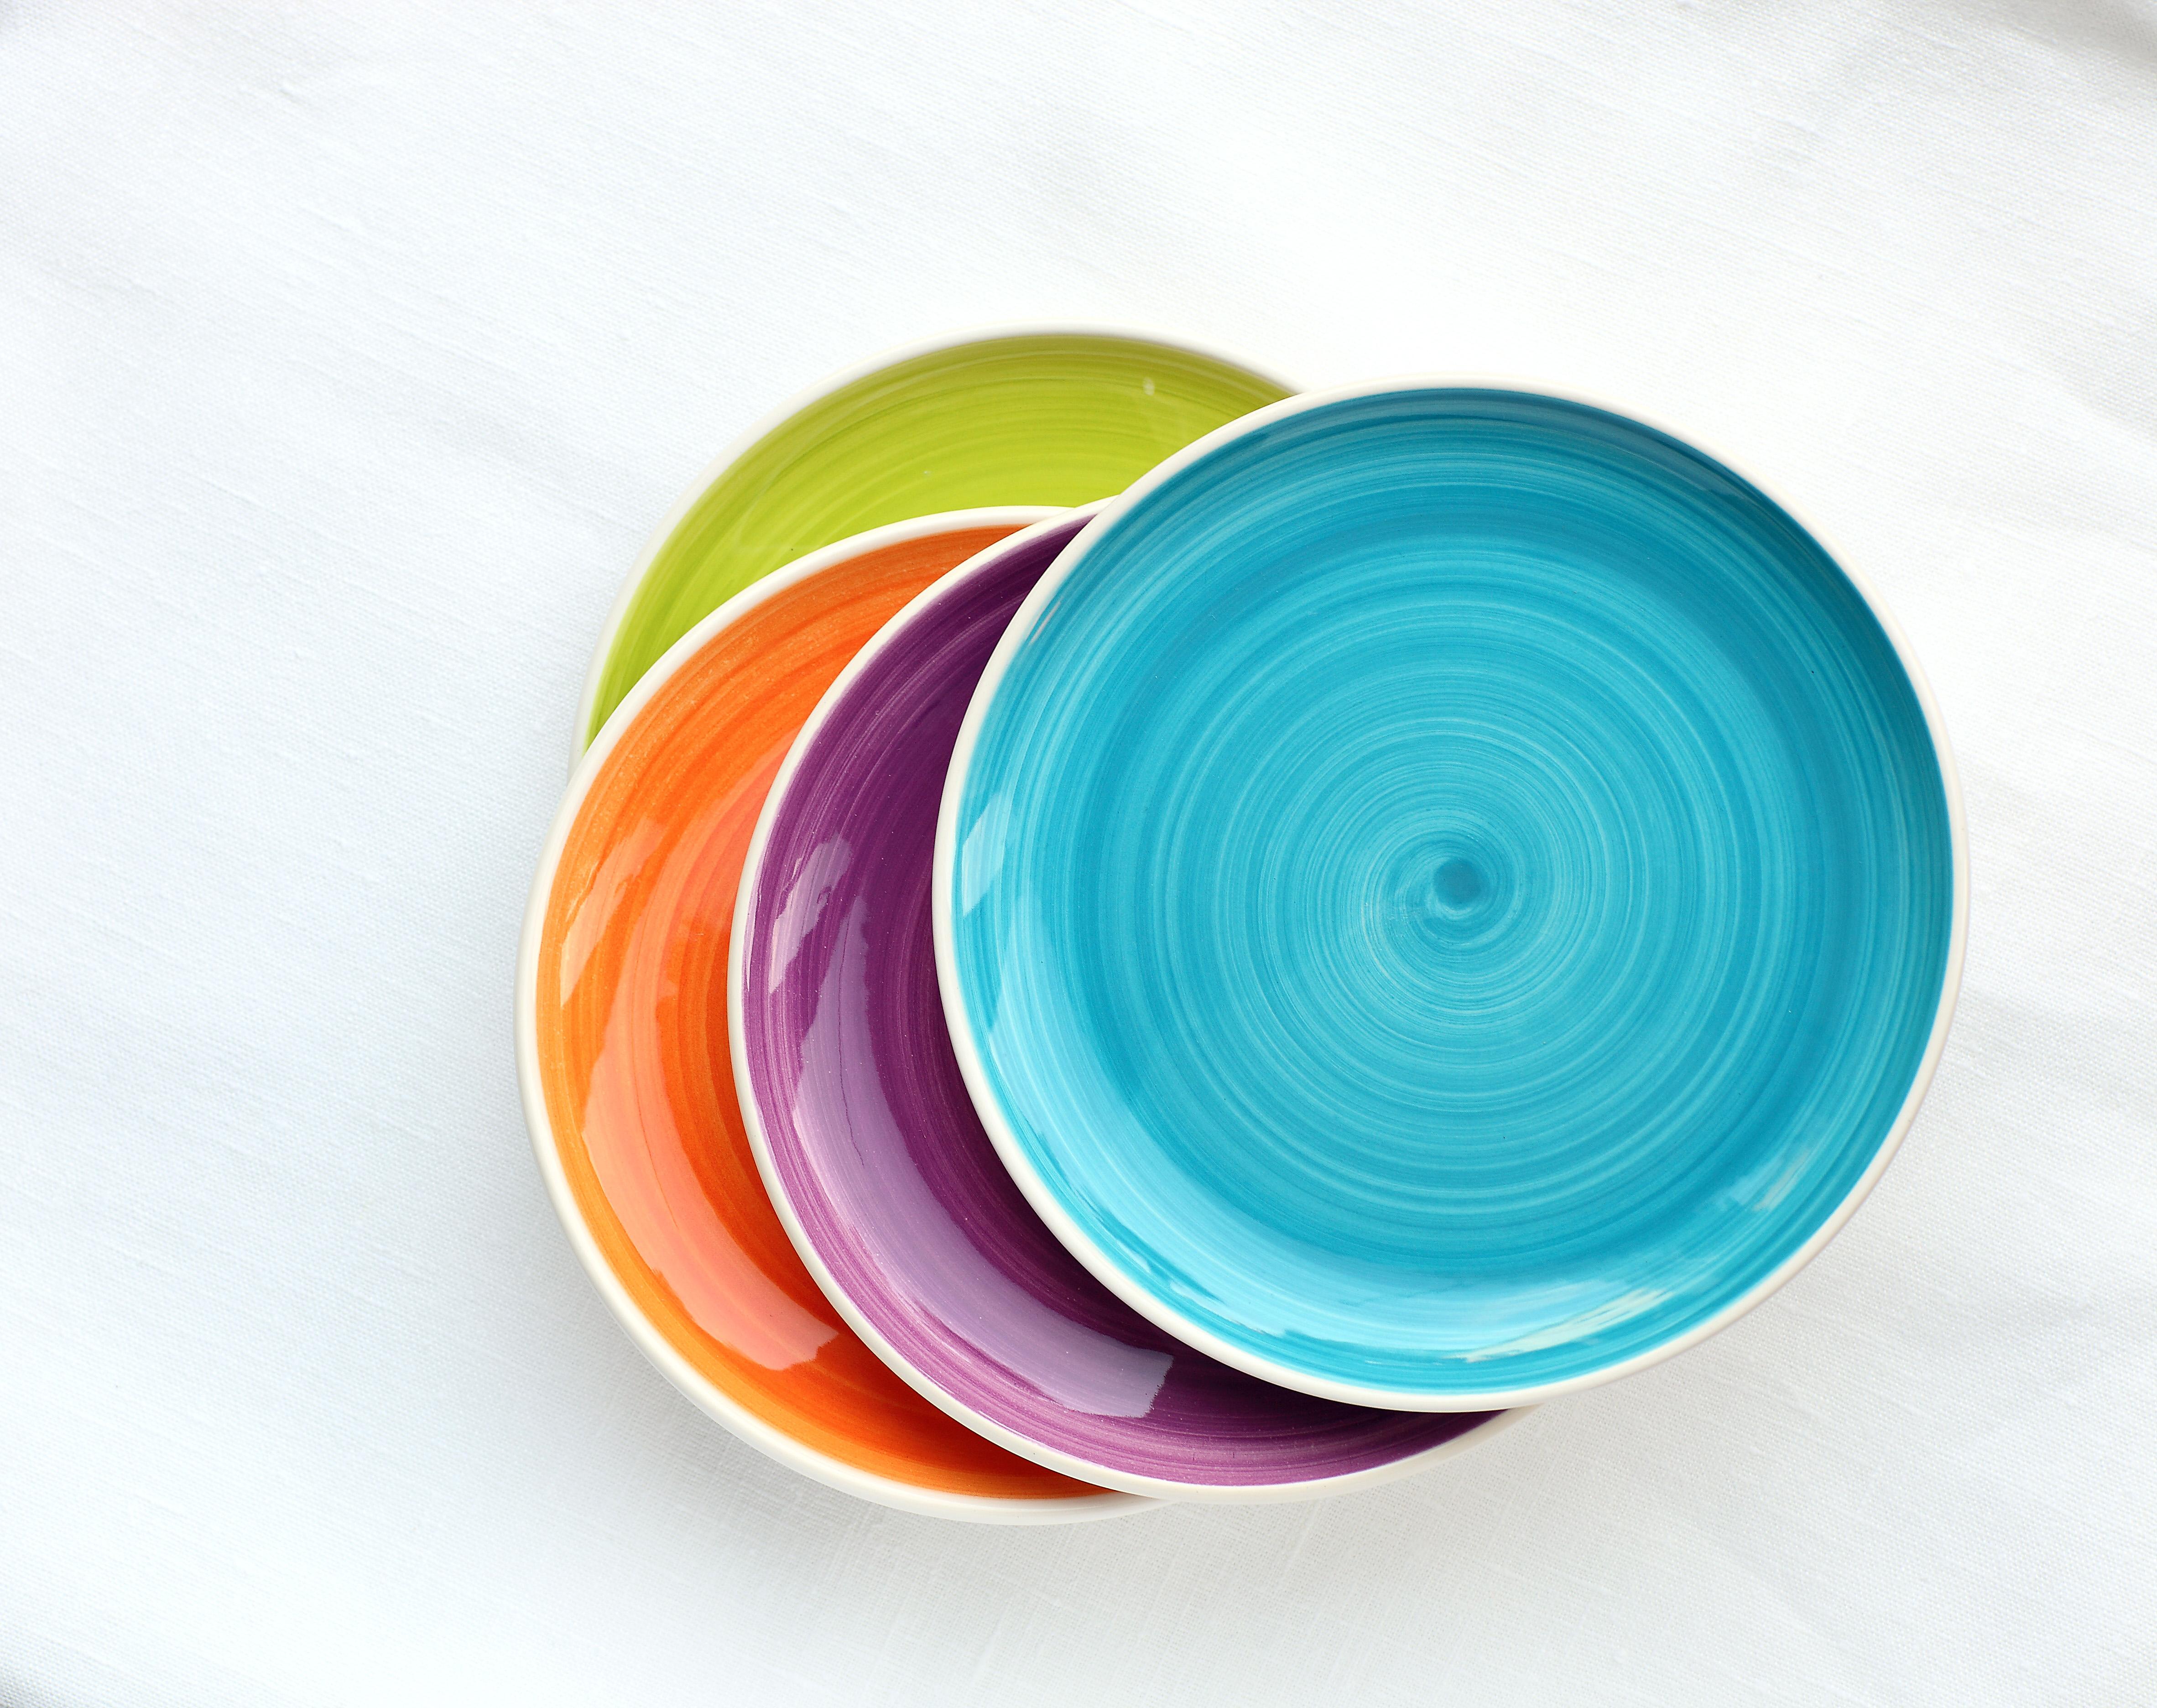 <p><strong>4. Купете си комплект цветни чинии</strong></p>  <p>Проучване сочи, че контрастът между храната и чинията е ключът към по-малката консумация. Въпреки, че причината все още не е установена, редица изследвания показват, че хората, които се хранаят от съдове в червен цвят, консумират по-малки количества храна.</p>